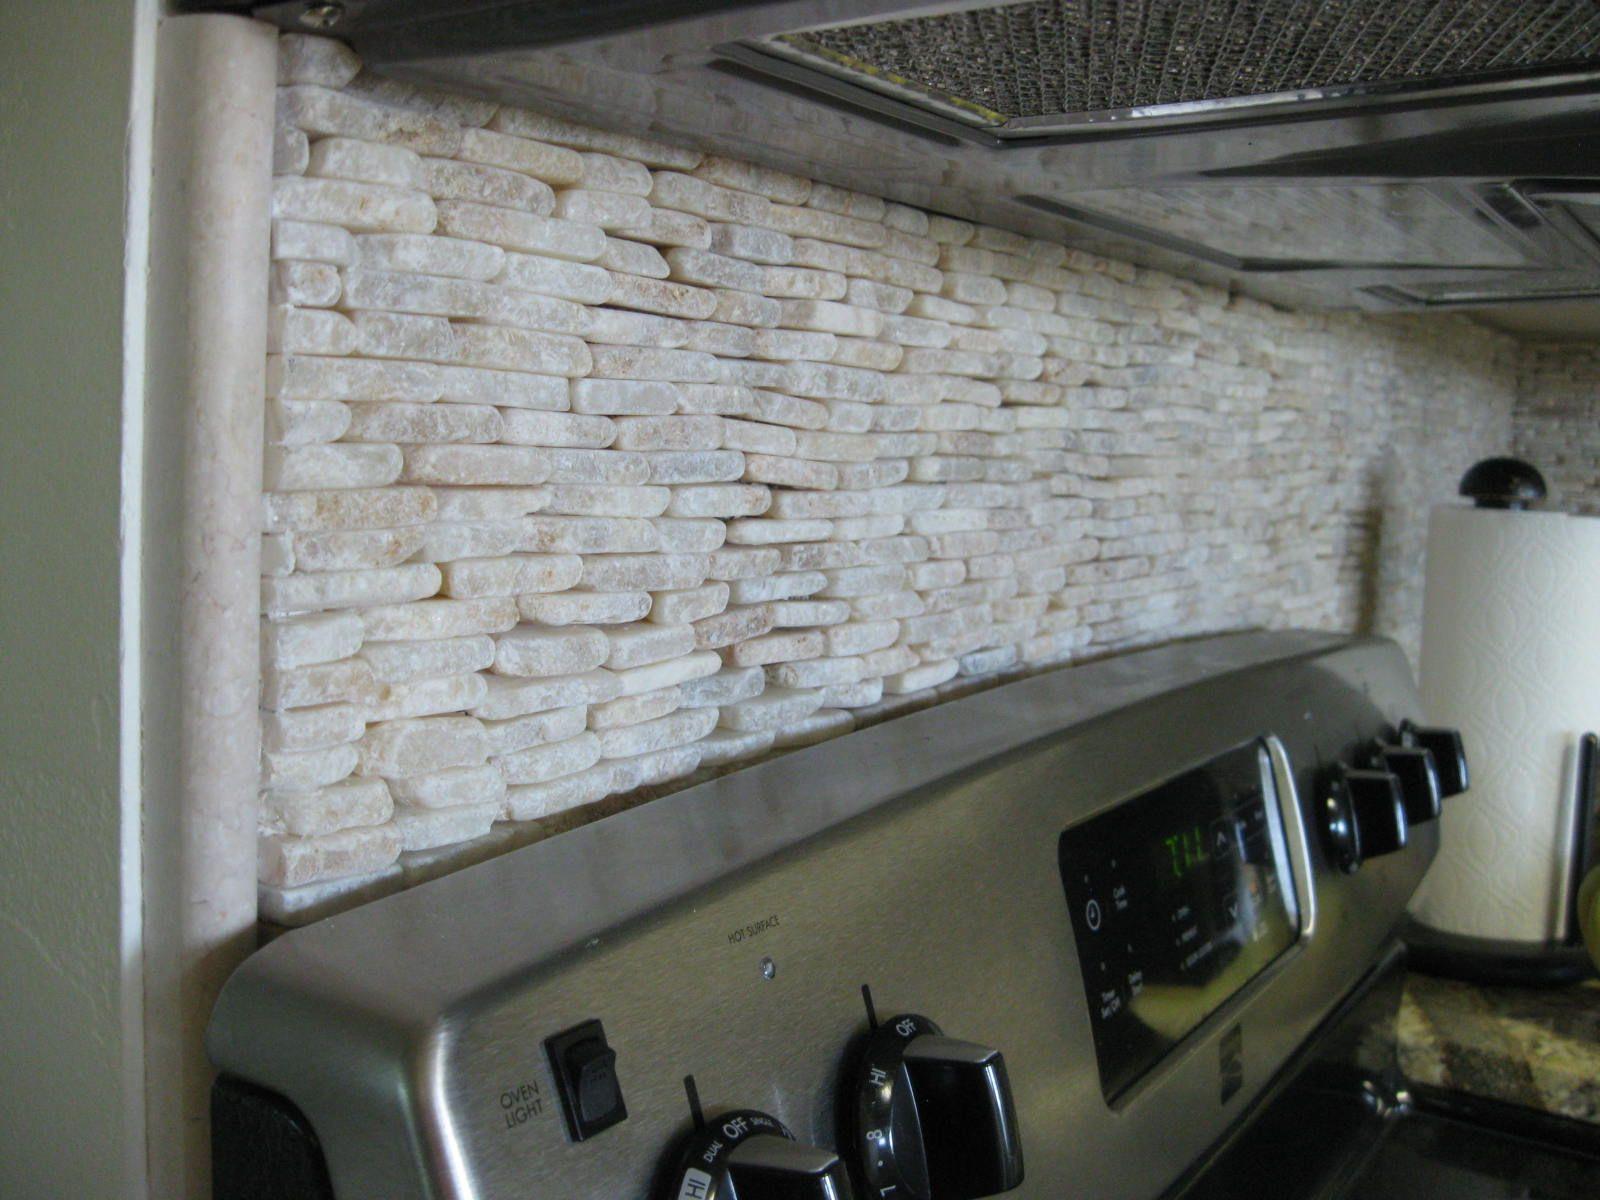 2 farbige küchenschrank-ideen die perfekte preiswerte backsplash ideen küche renovierung einblick